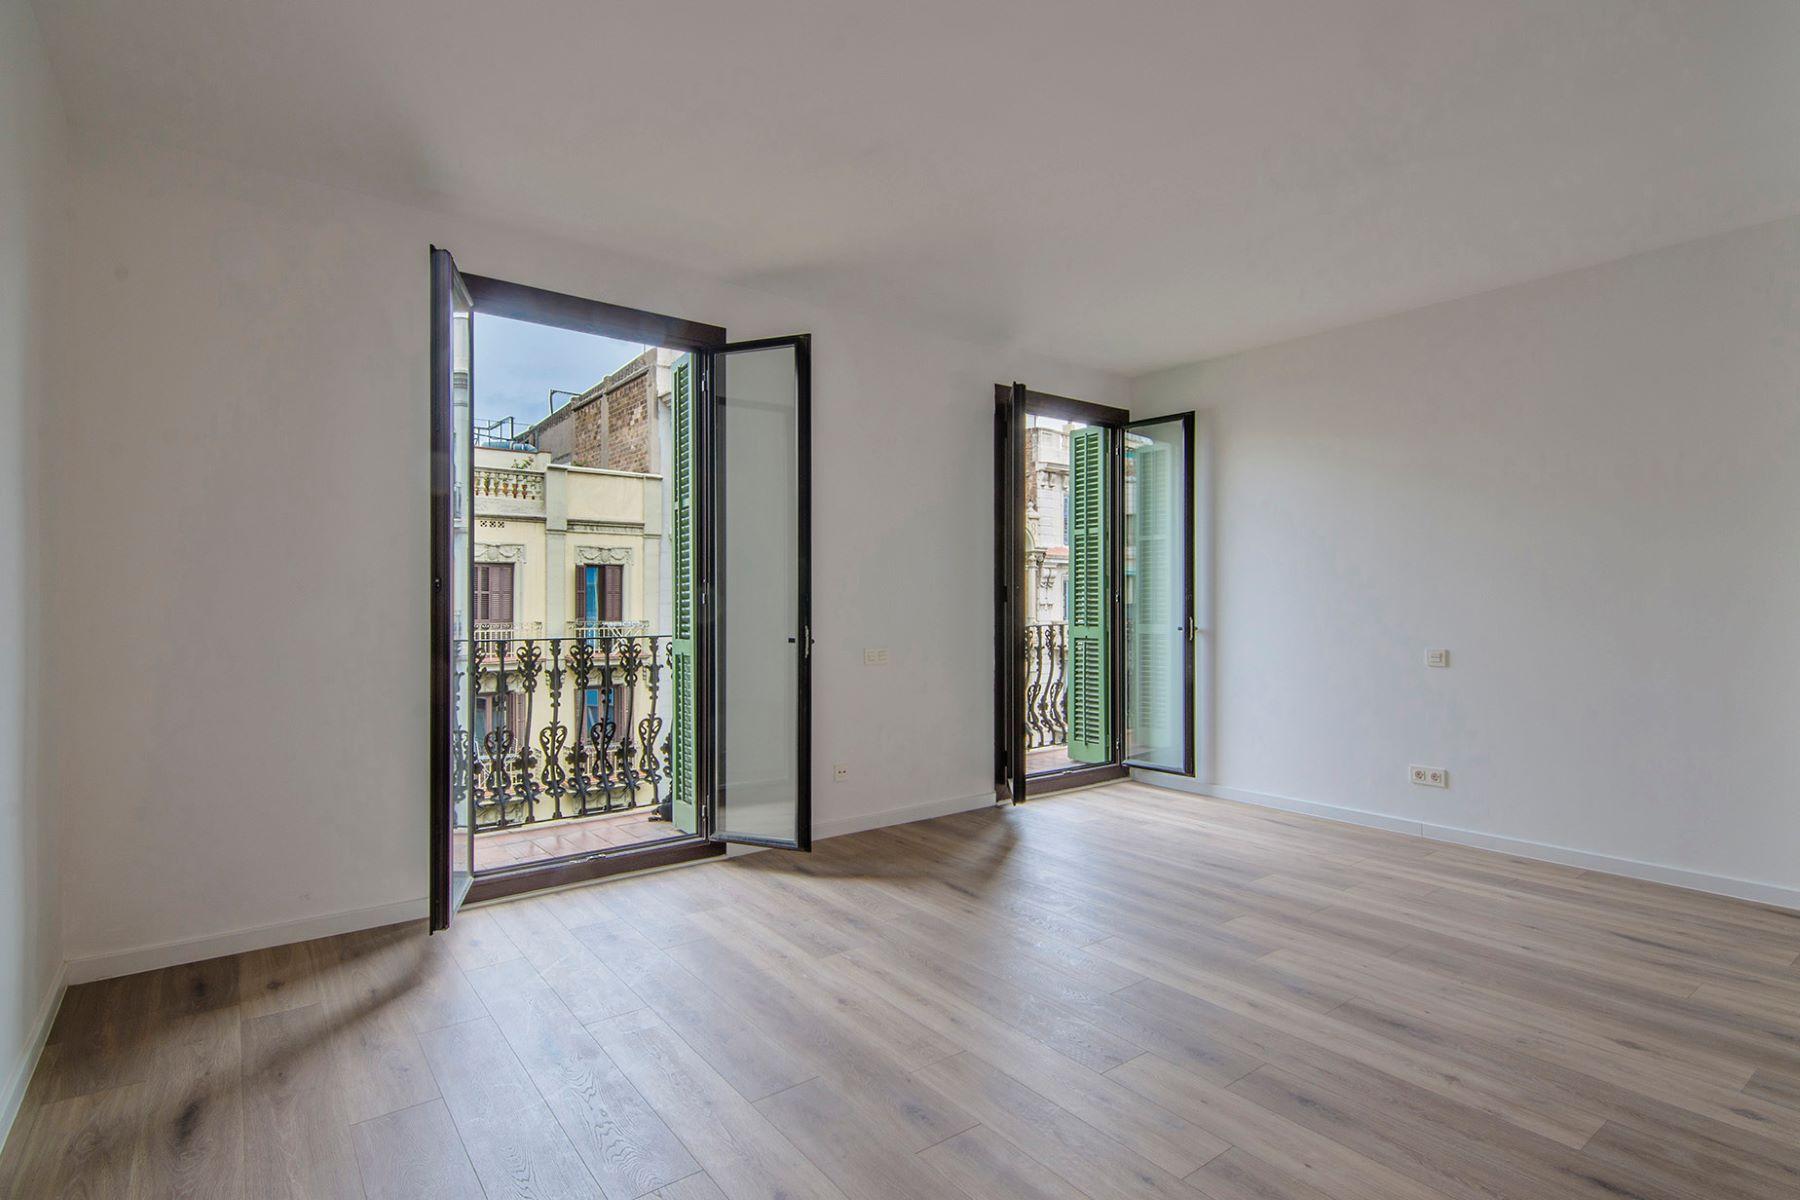 Apartamento por un Venta en Apartment to move to in teh Left Side of Eixample Barcelona City, Barcelona, 08007 España